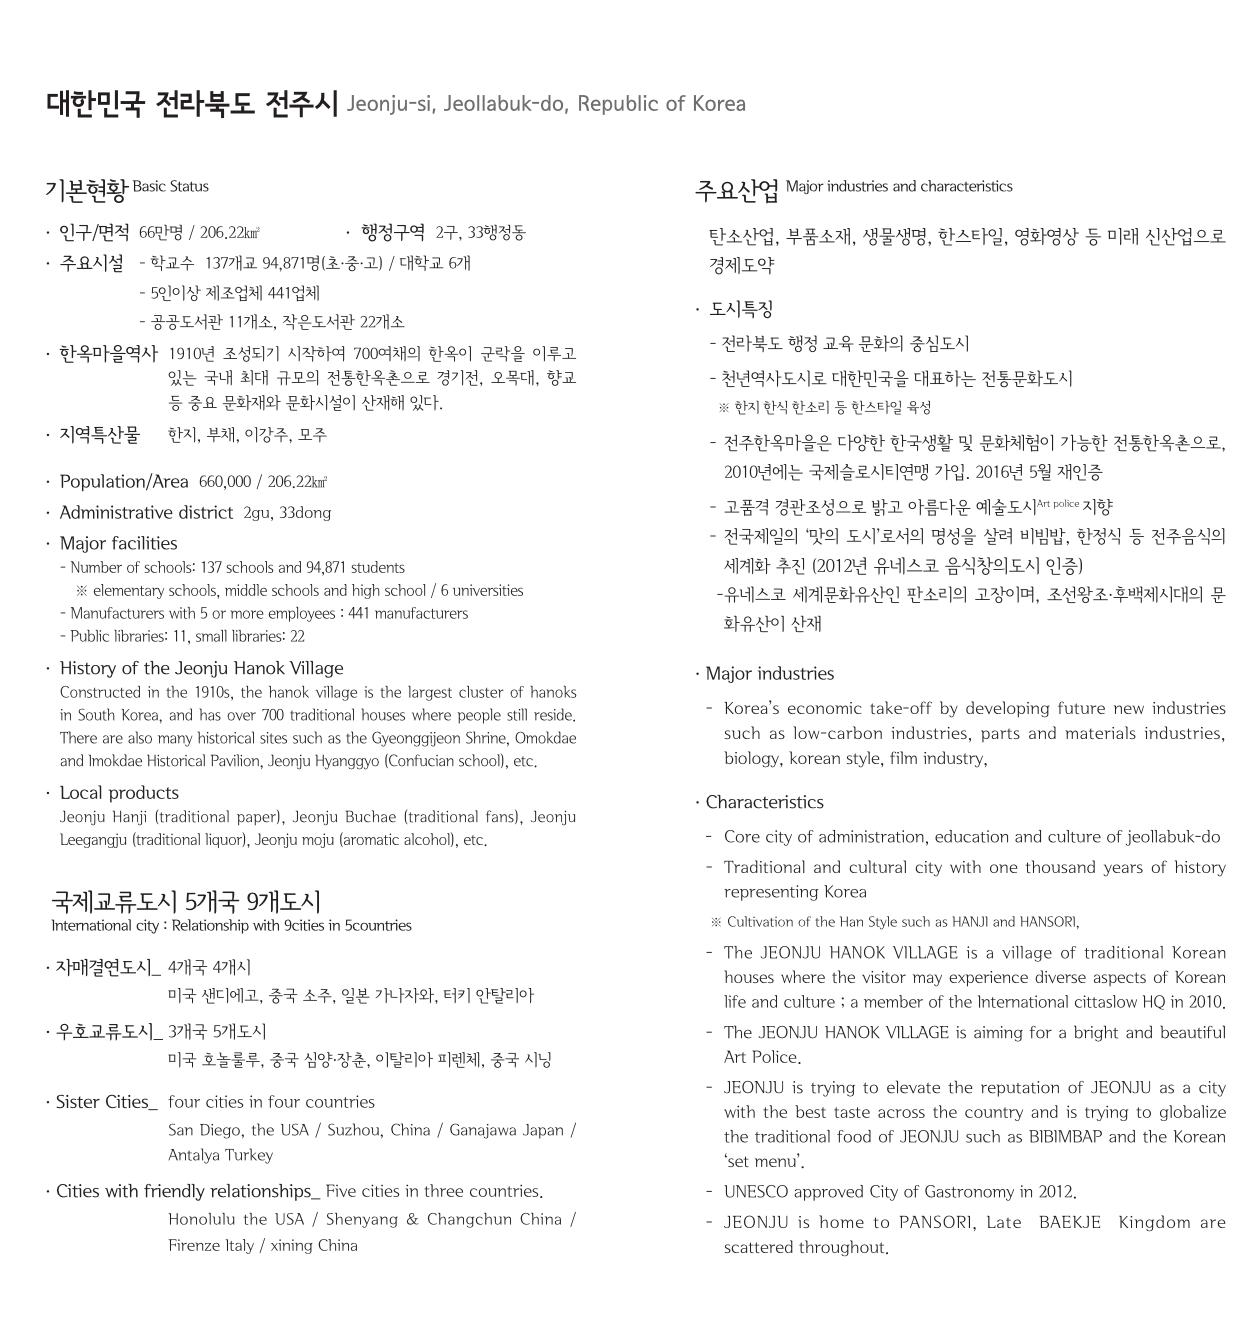 전주시청 국제슬로포럼 최종-몽블랑-천부-1 - 복사본.jpg